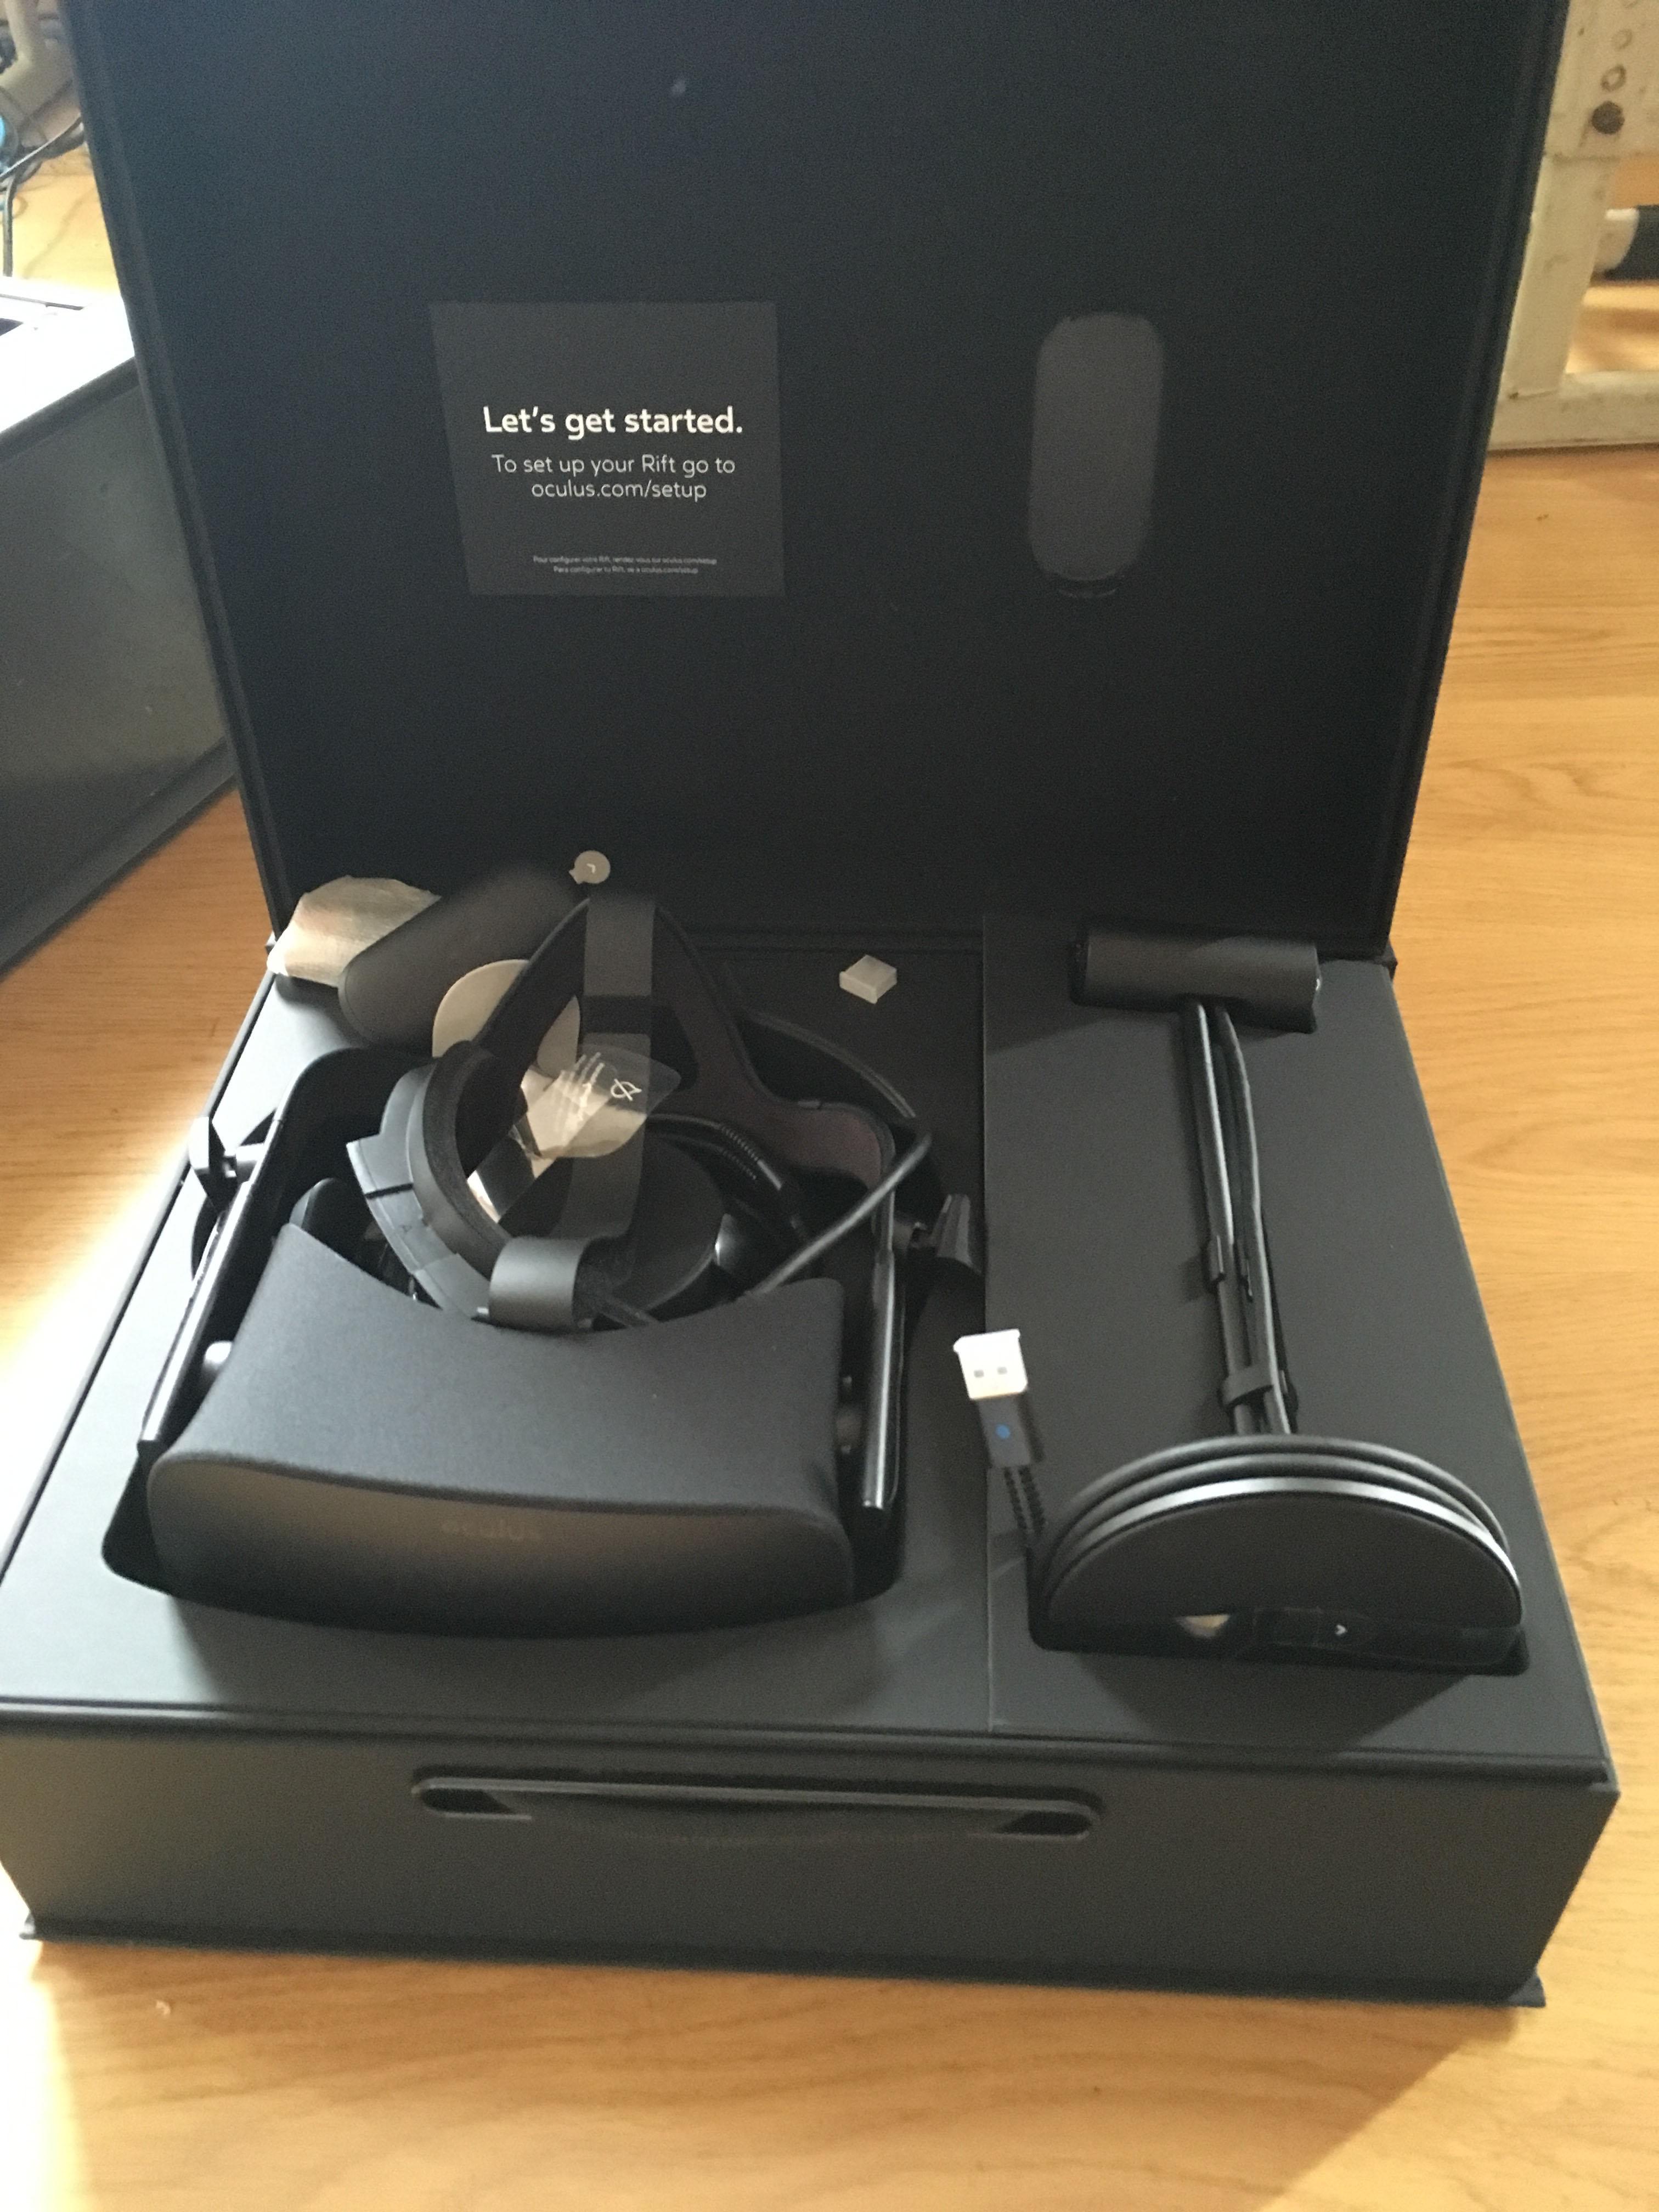 Unboxing Oculus VR